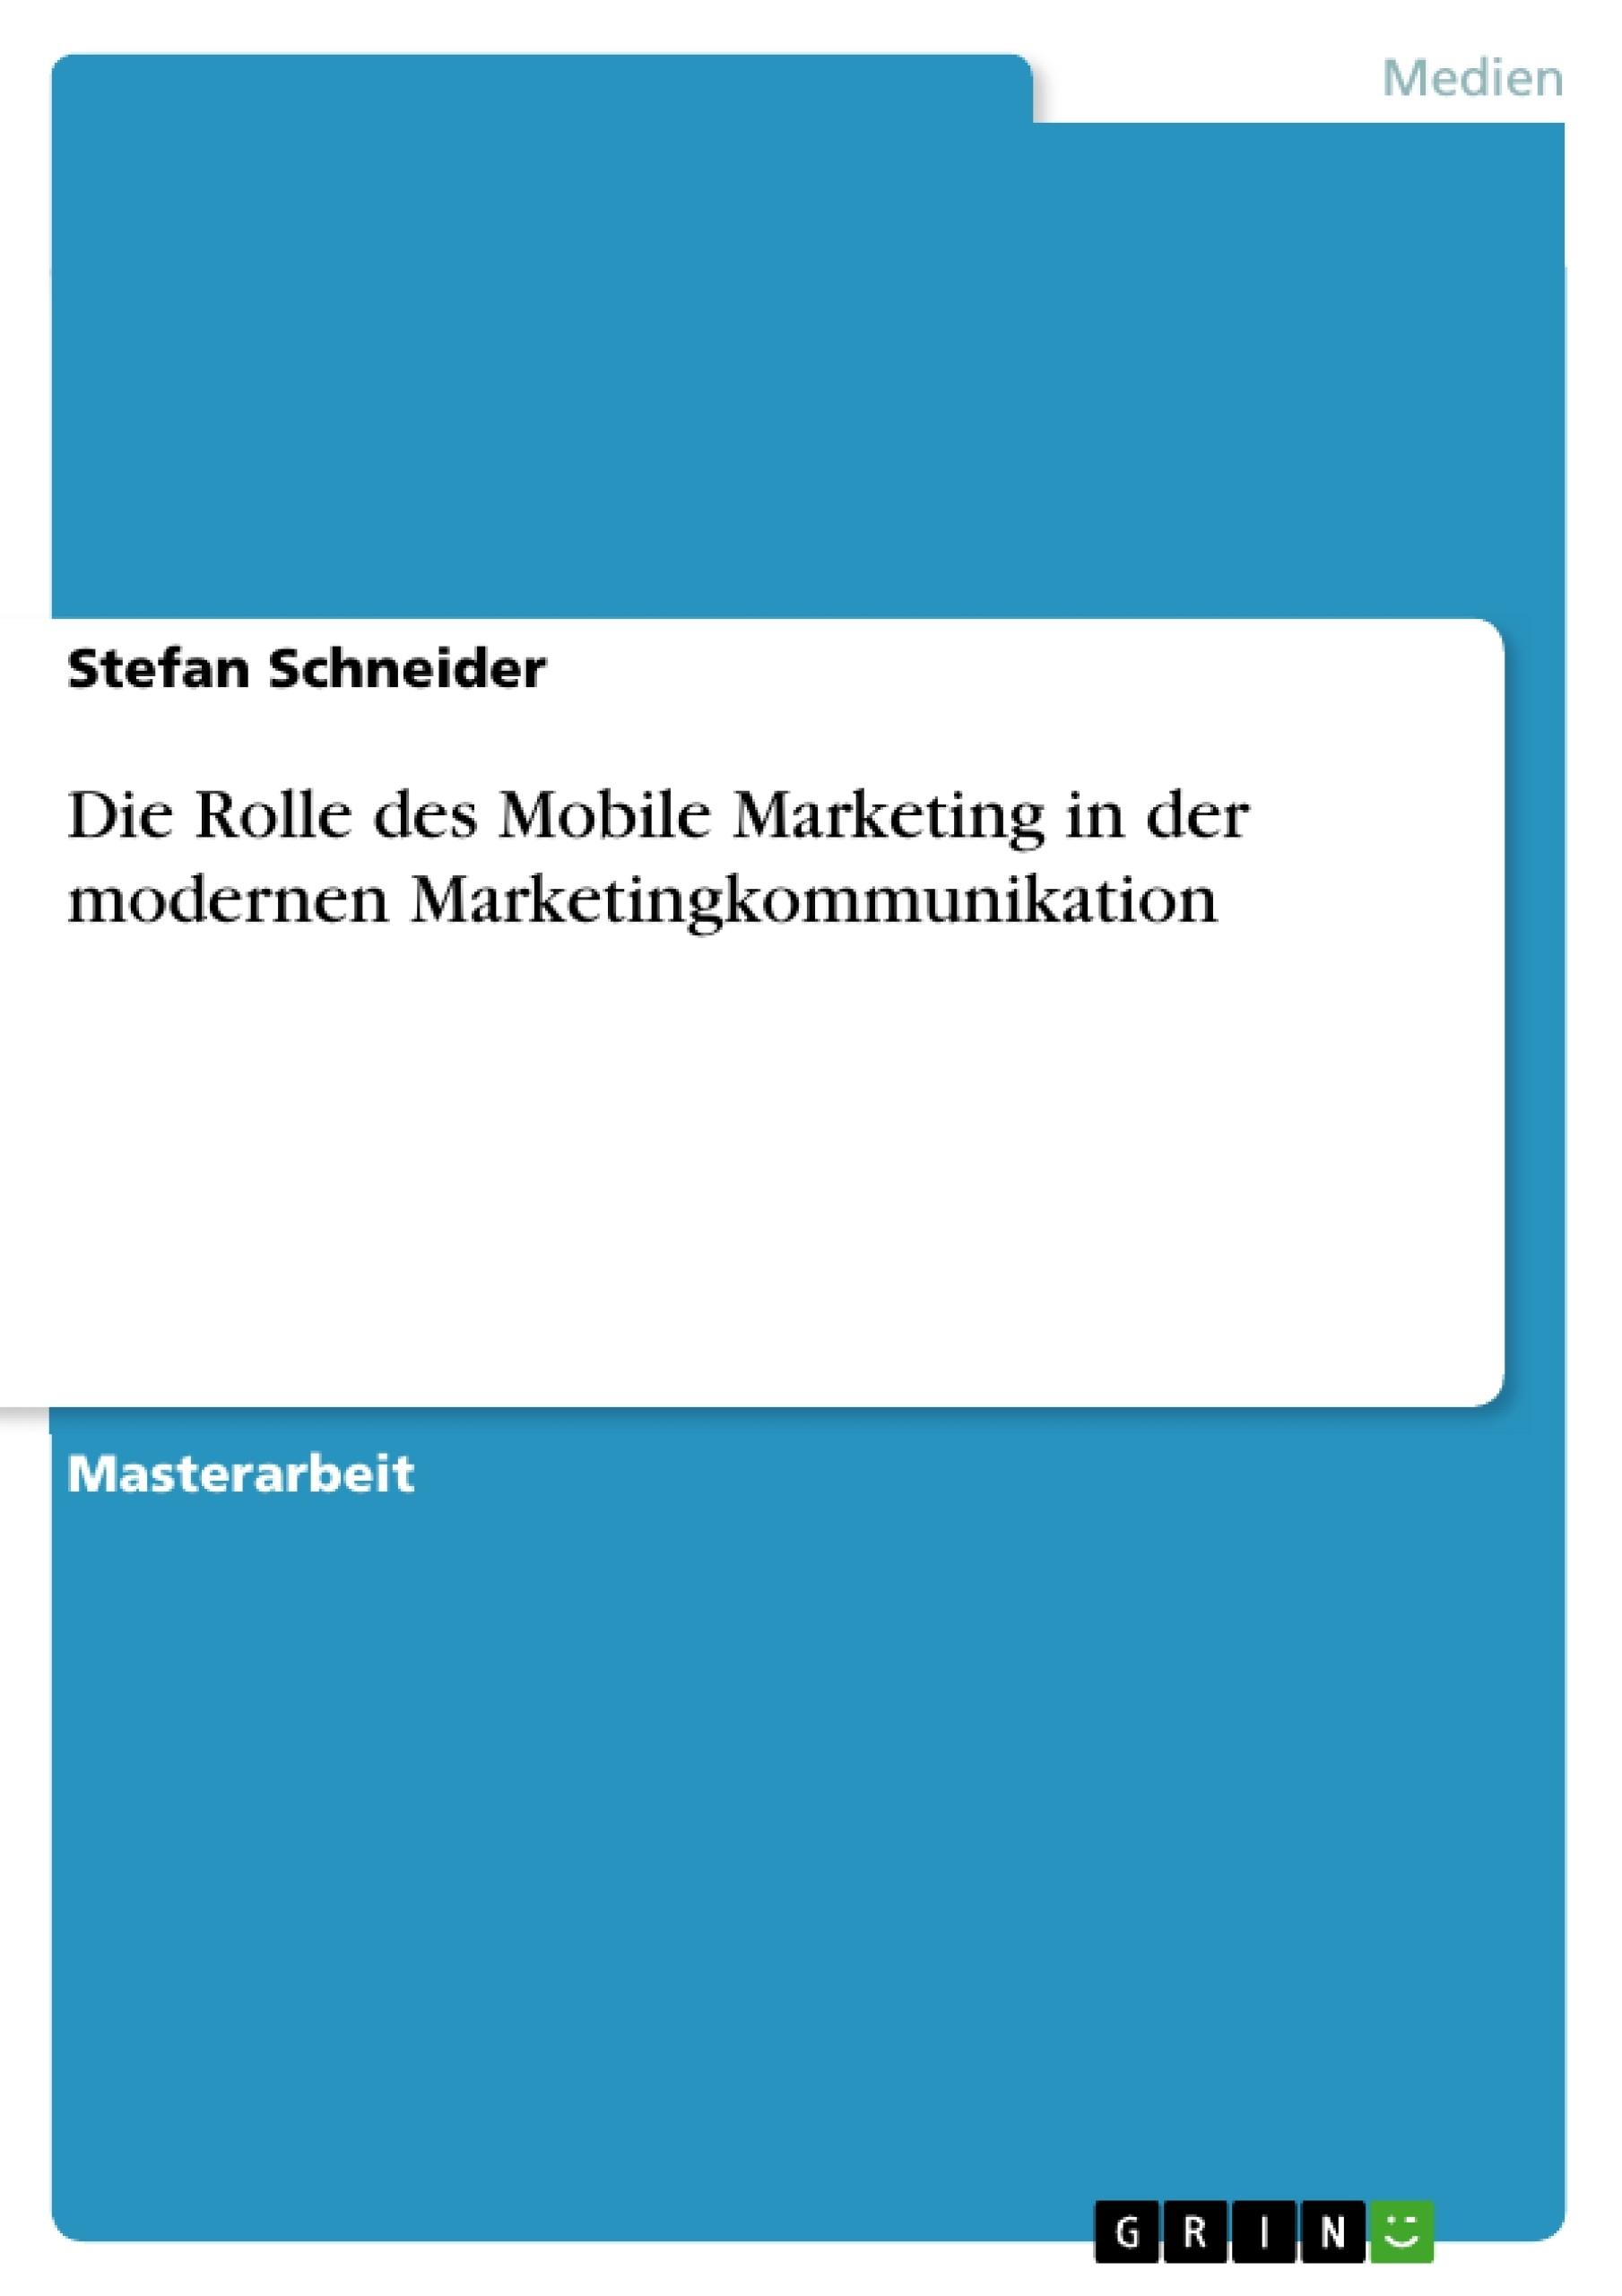 Titel: Die Rolle des Mobile Marketing in der modernen Marketingkommunikation